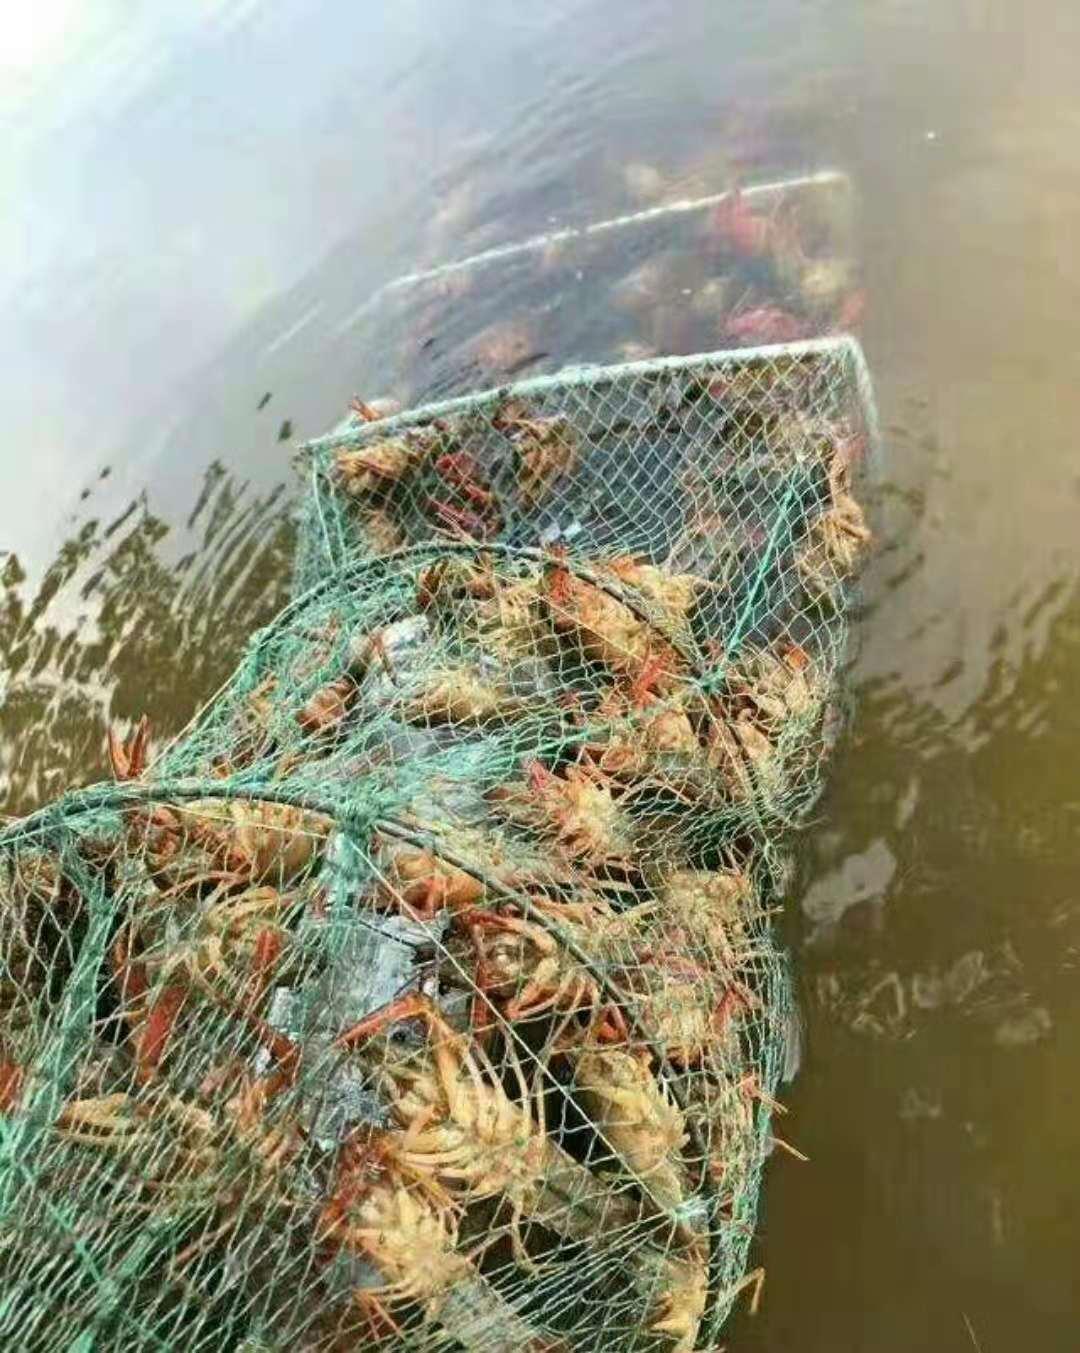 临汾批售龙虾种苗 有品质的龙虾种苗哪里有供应